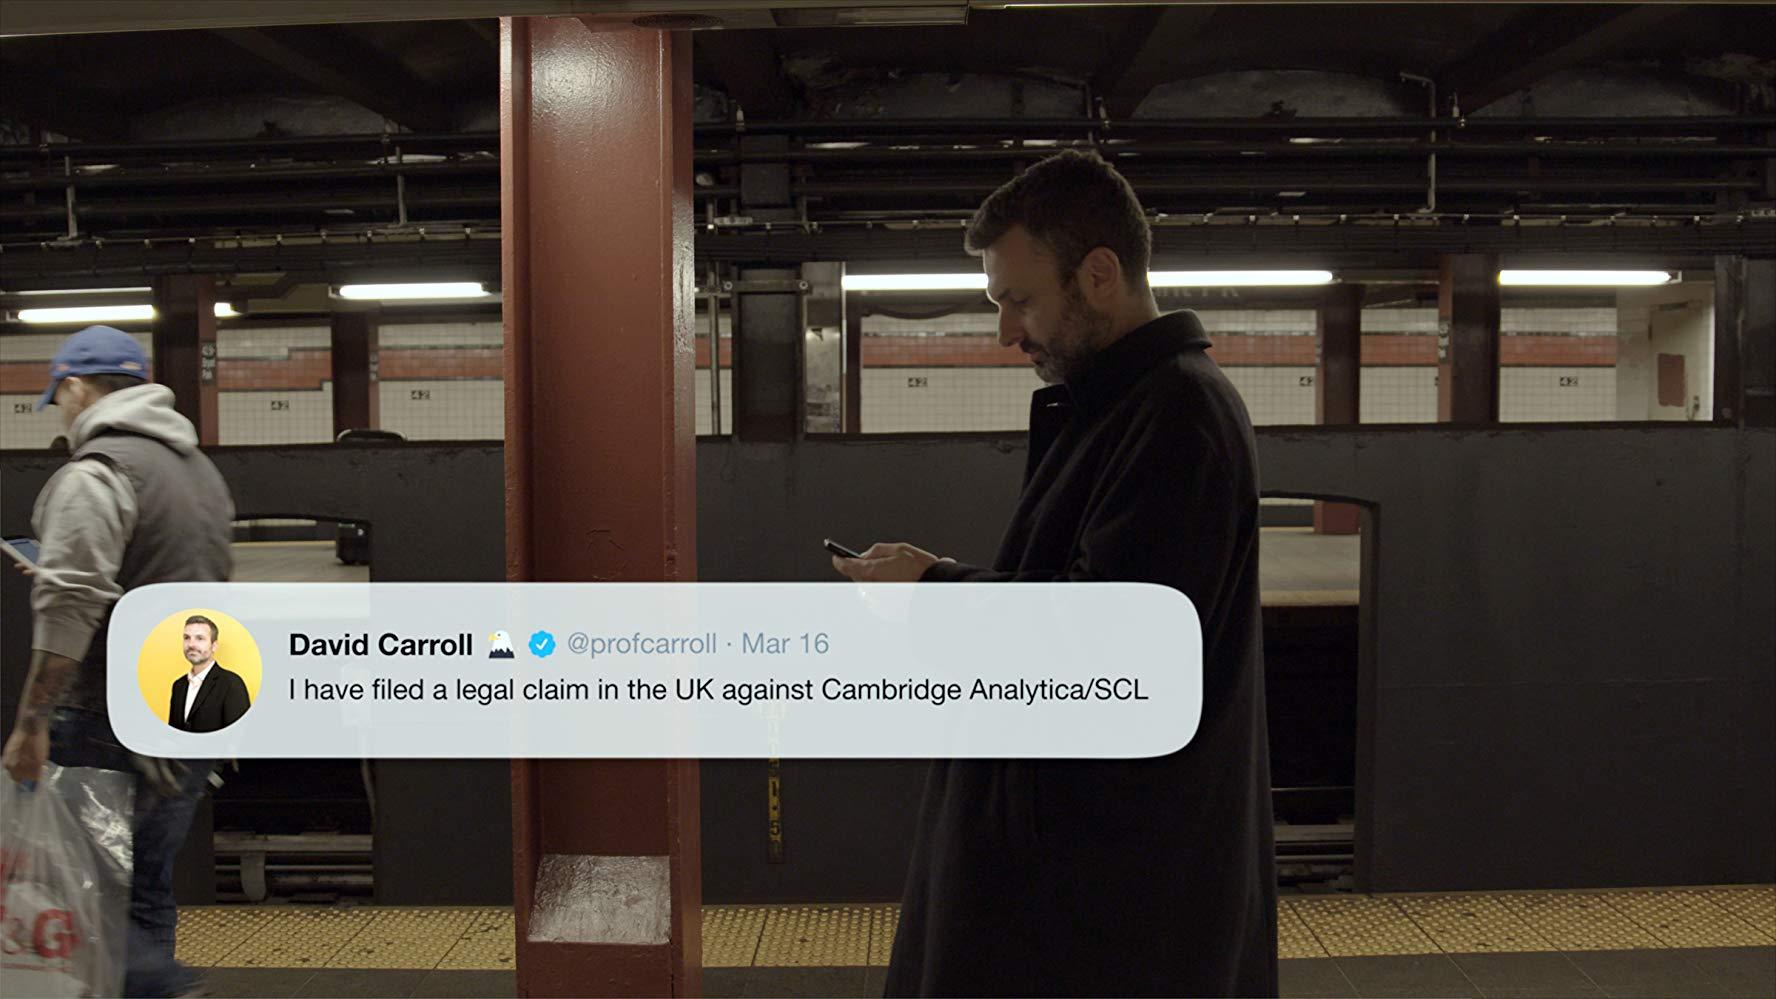 영화 거대한 해킹의 장면. 남자가 지하철에서 캠브릿지 애널리티카에 대한 트윗을 확인한다